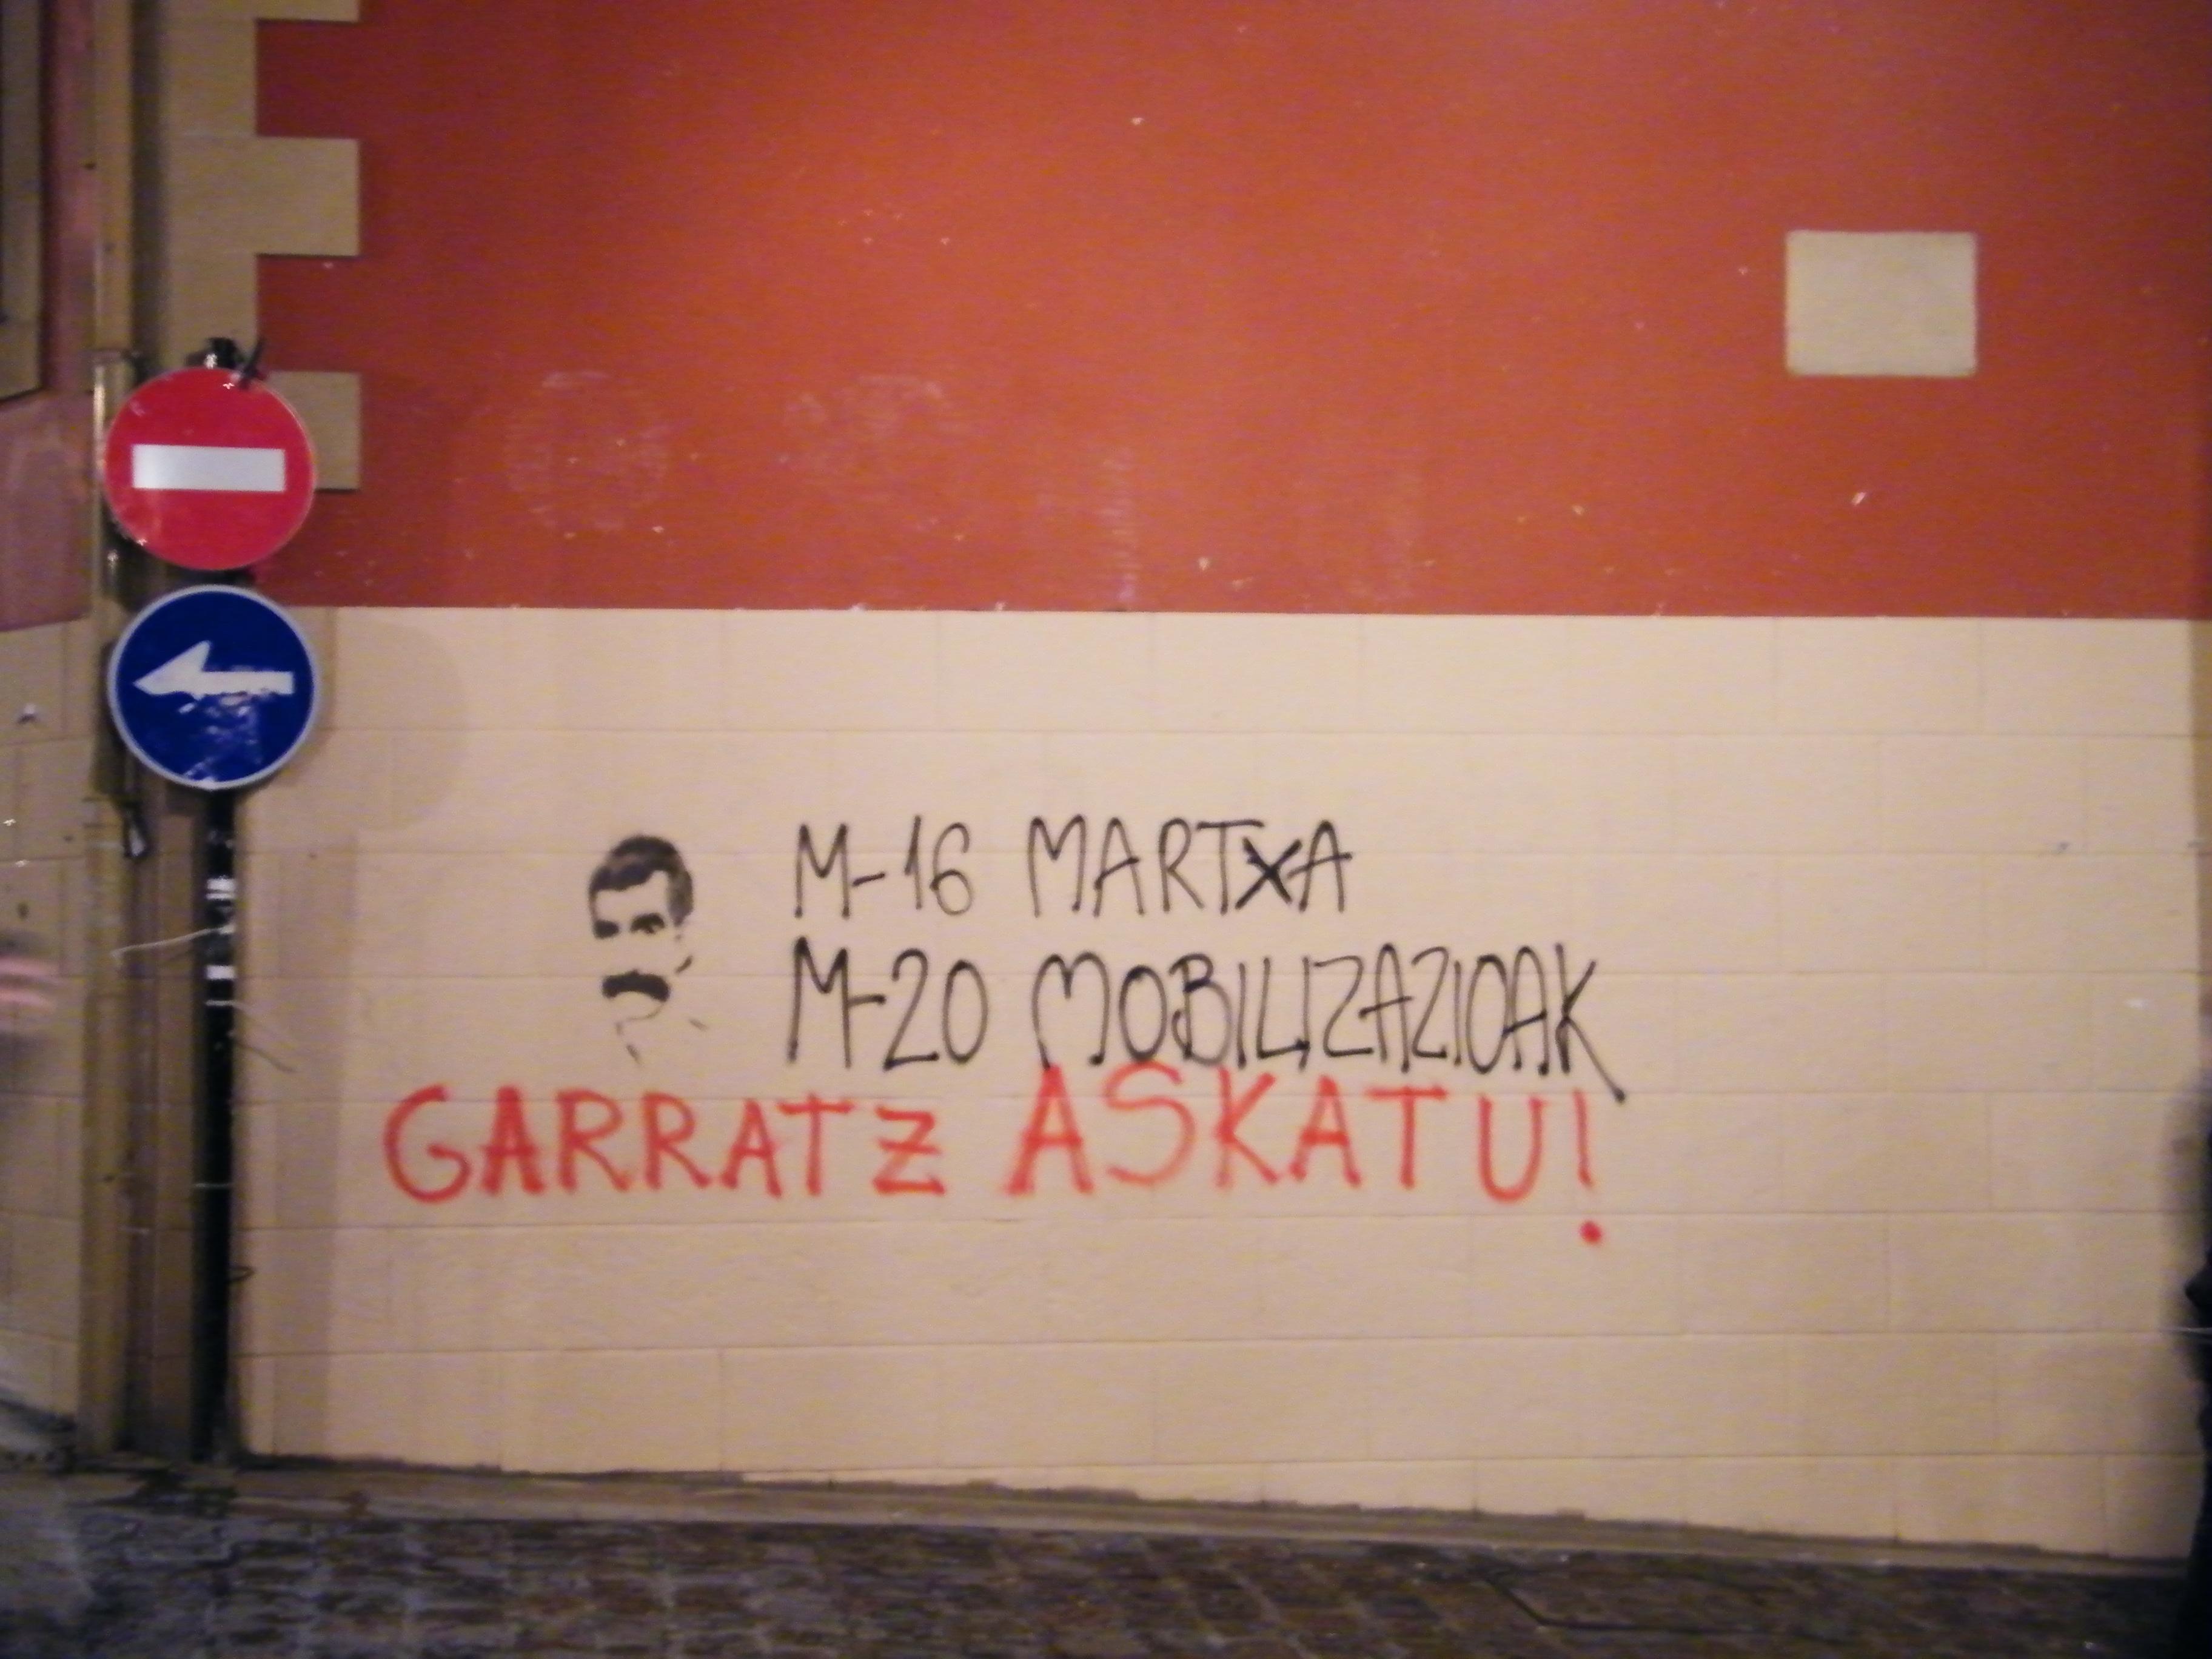 Garratz Askatu